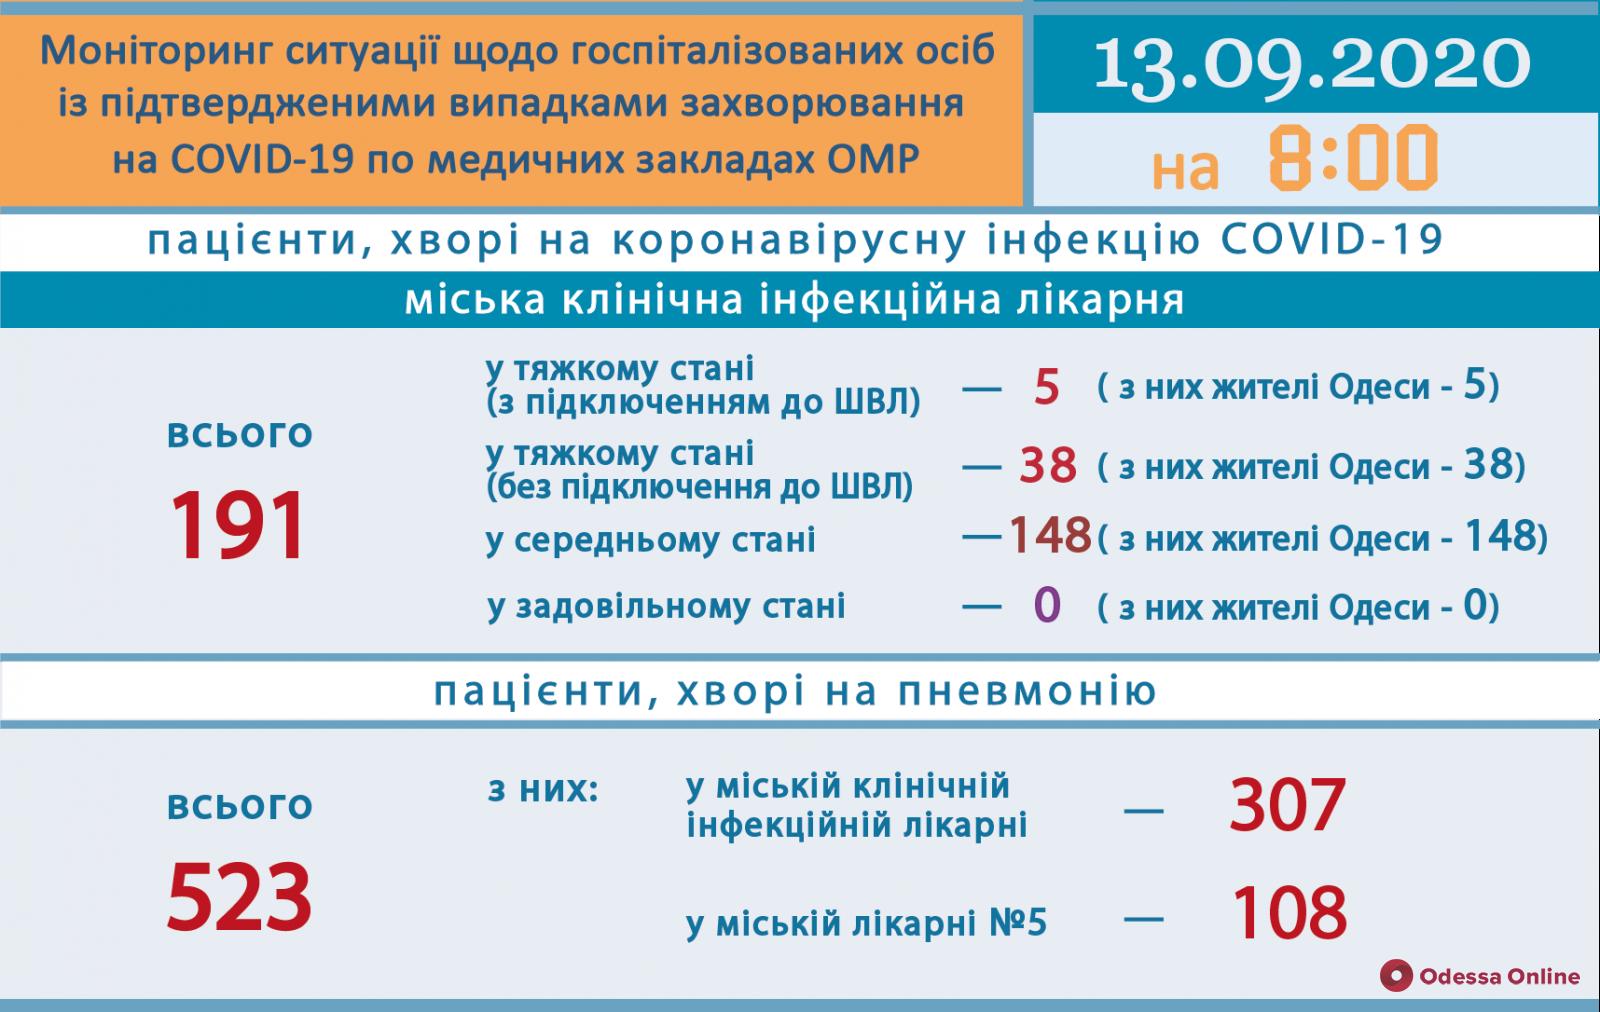 В одесской инфекционке 43 пациента с COVID-19 находятся в тяжелом состоянии